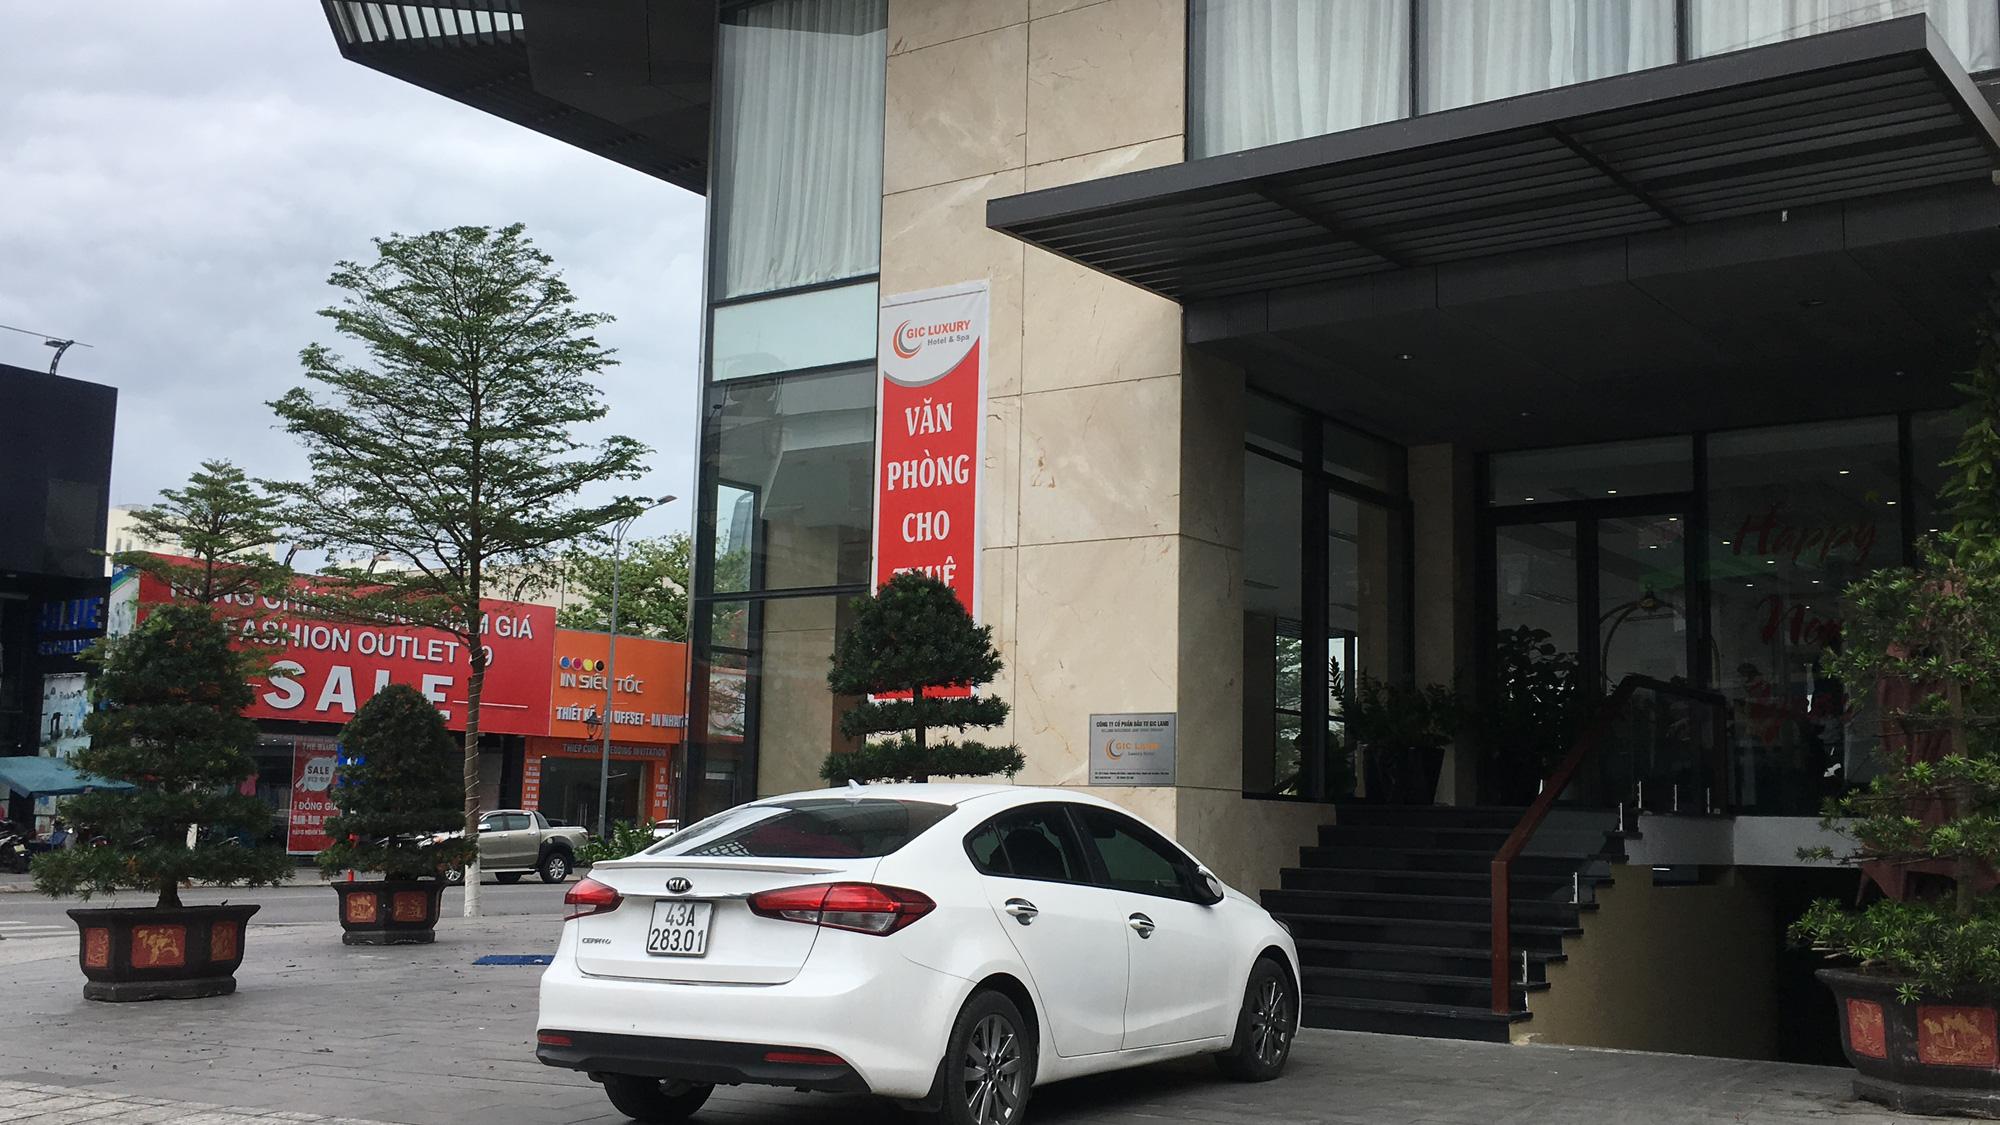 Giá mặt bằng, văn phòng cho thuê ở Đà Nẵng giảm sâu nhưng ít người quan tâm - Ảnh 5.